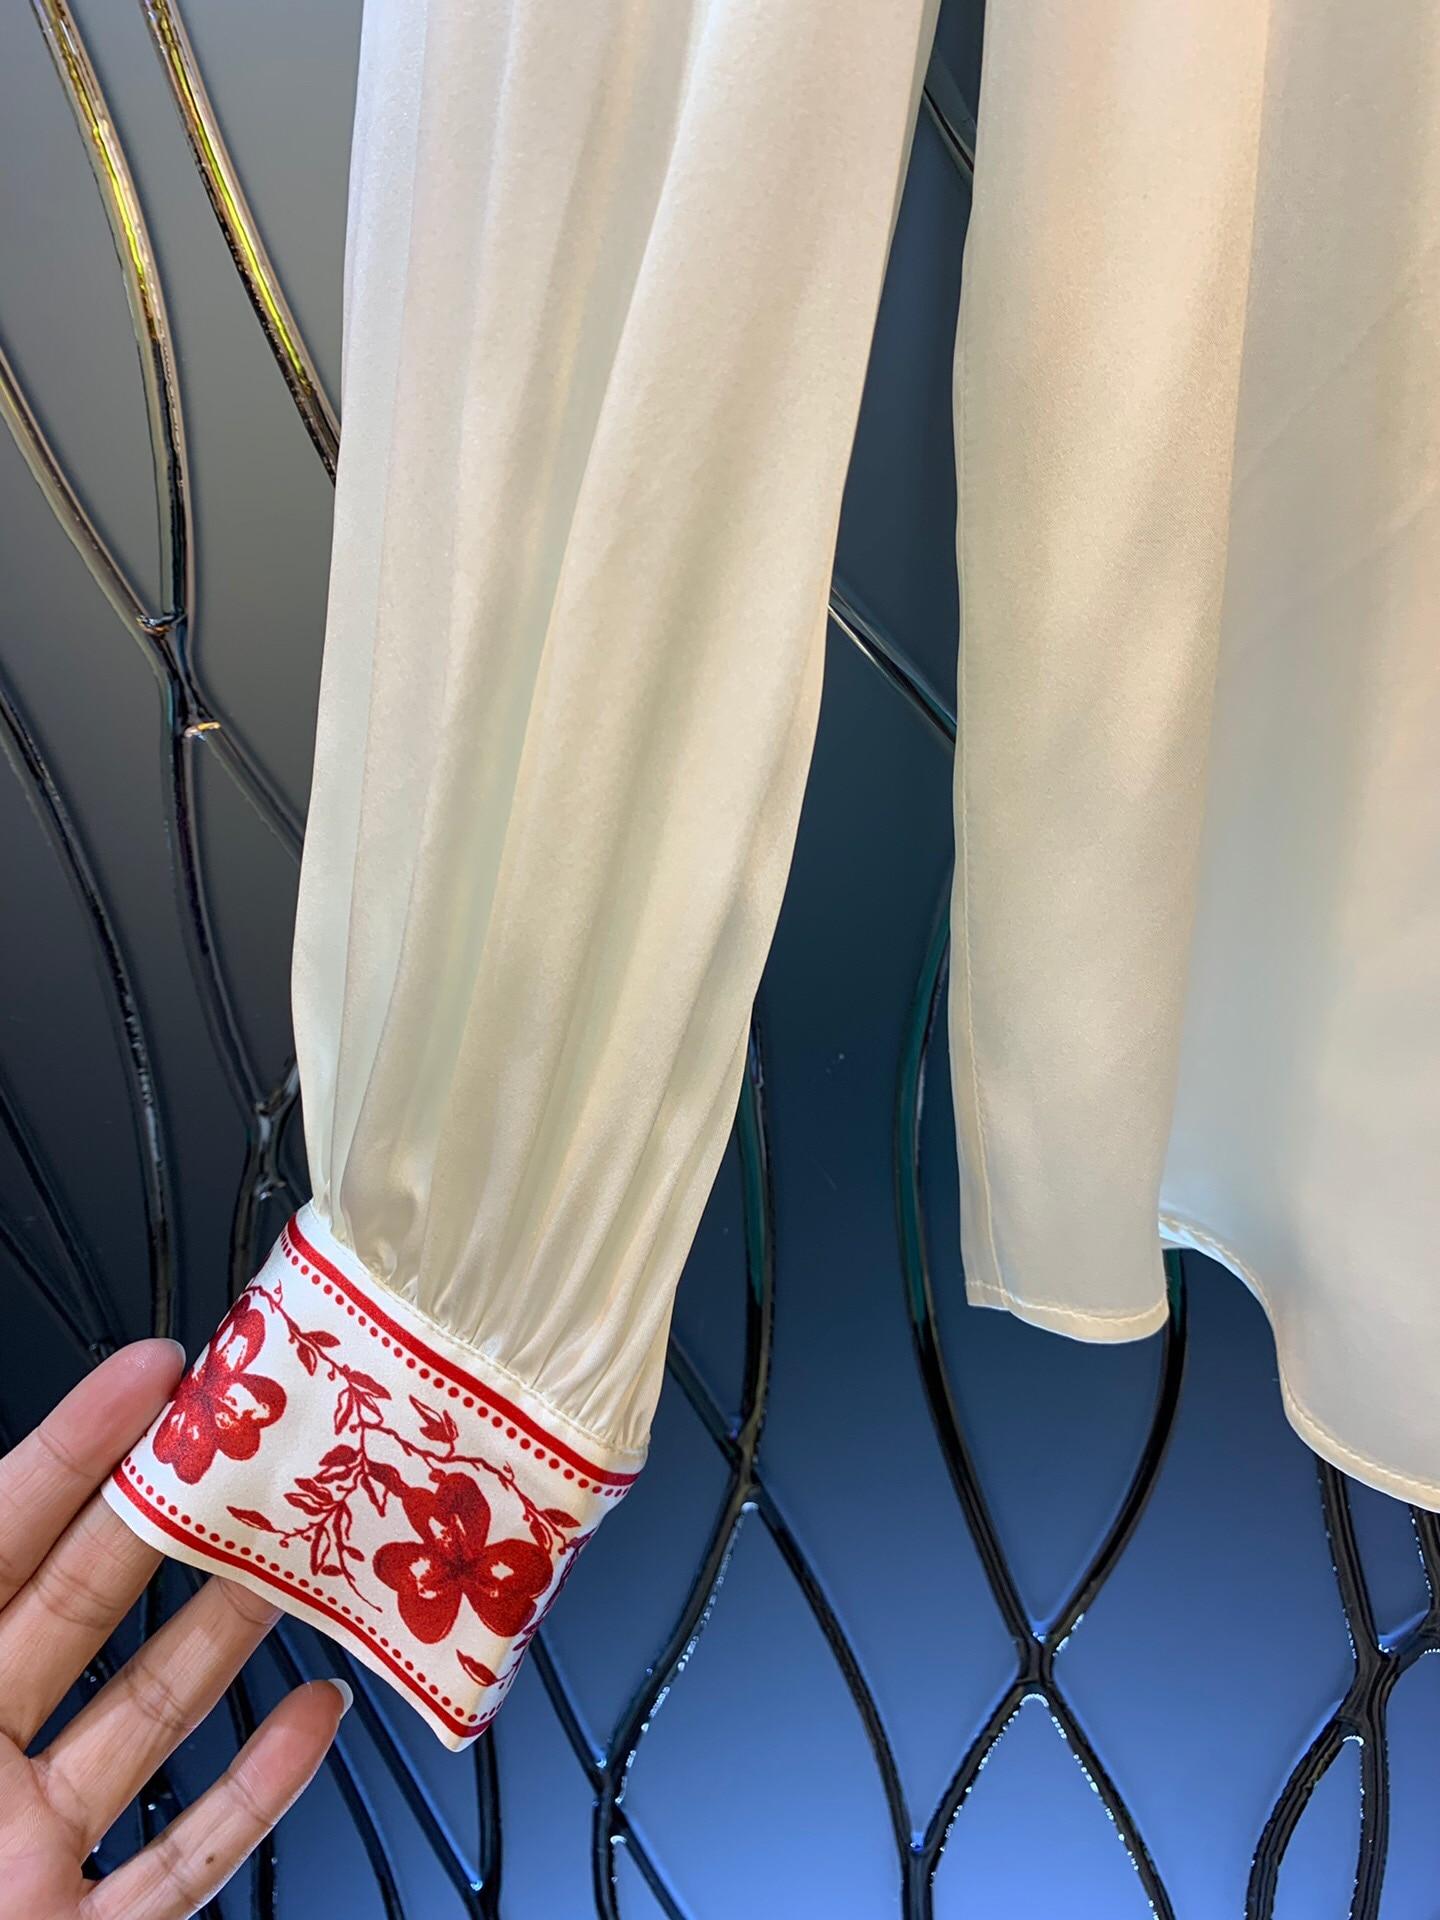 2019 nueva camisa de seda de manga larga con cuello de lazo y estampado Vintage elegante envío gratis a todo el mundo - 5